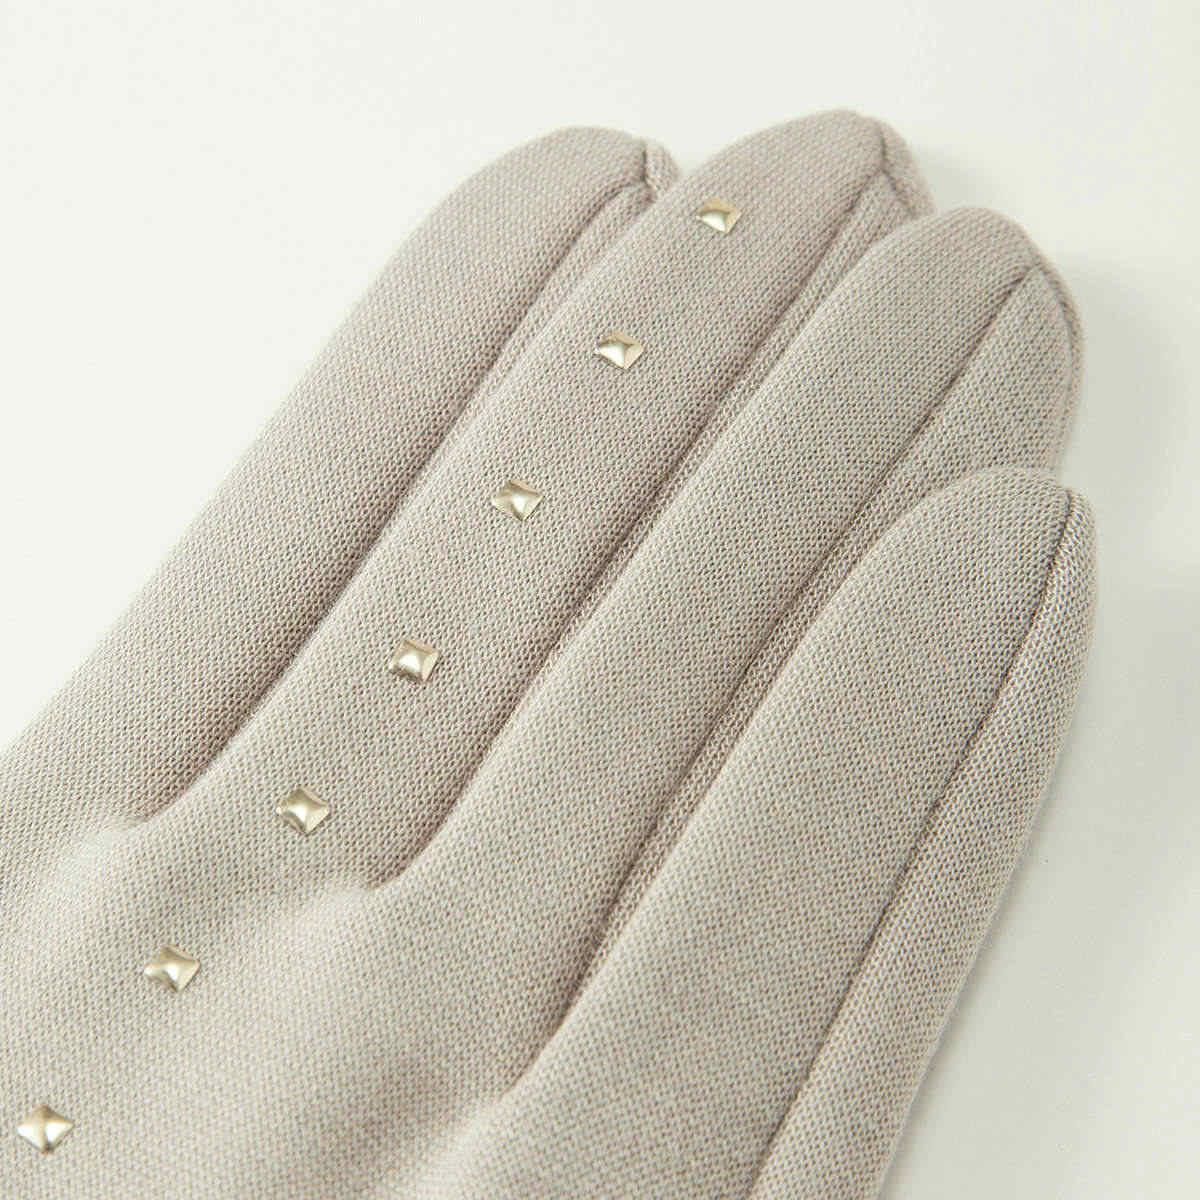 BIYUTE レディース ジャージ手袋 シンプル ちょっと長め丈 ストレッチ素材 ストーンがおしゃれ Mサイズ 全2色